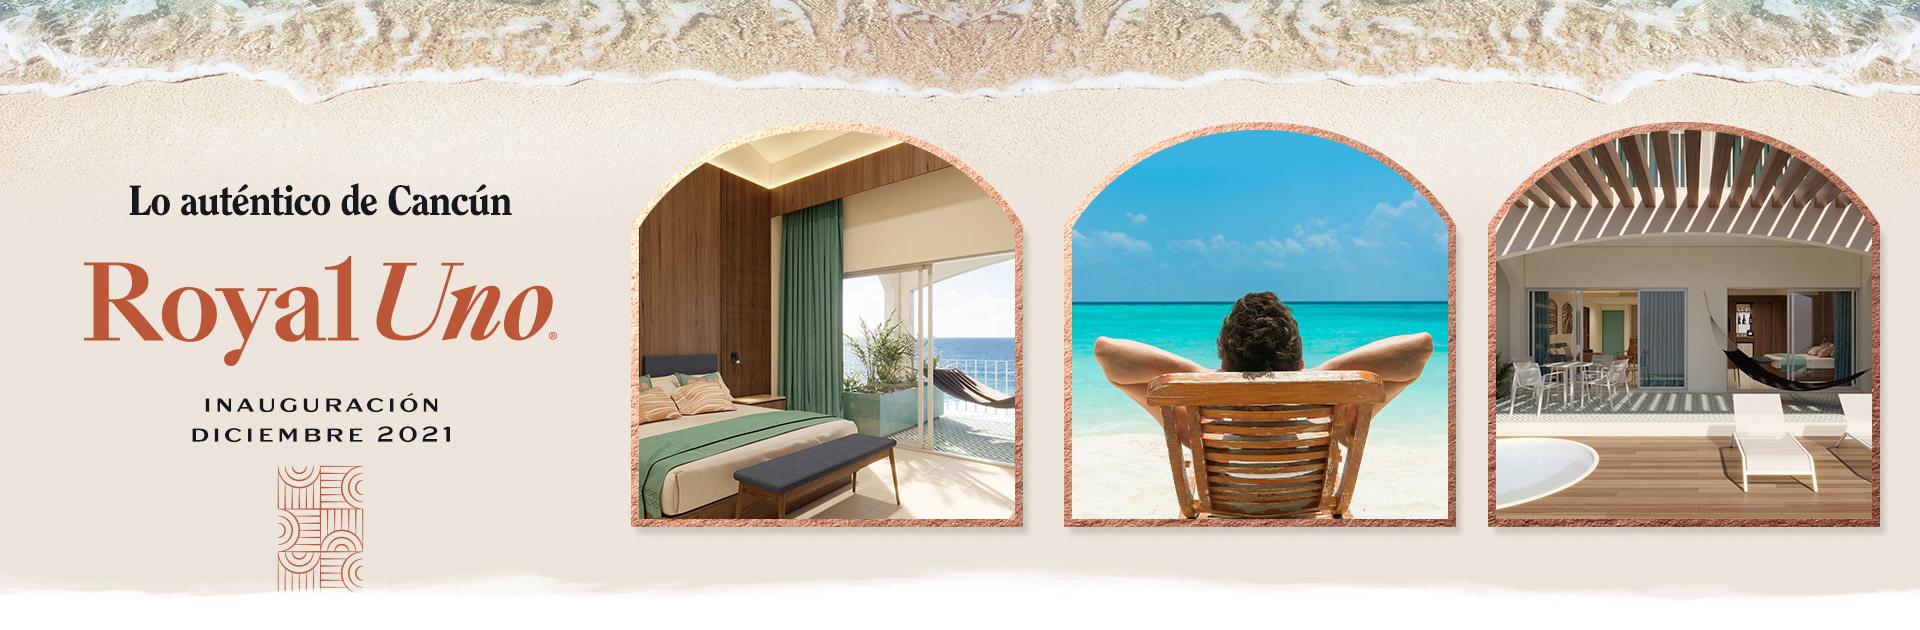 Royal Uno Resort Auténtico Cancún Próxima Apertura